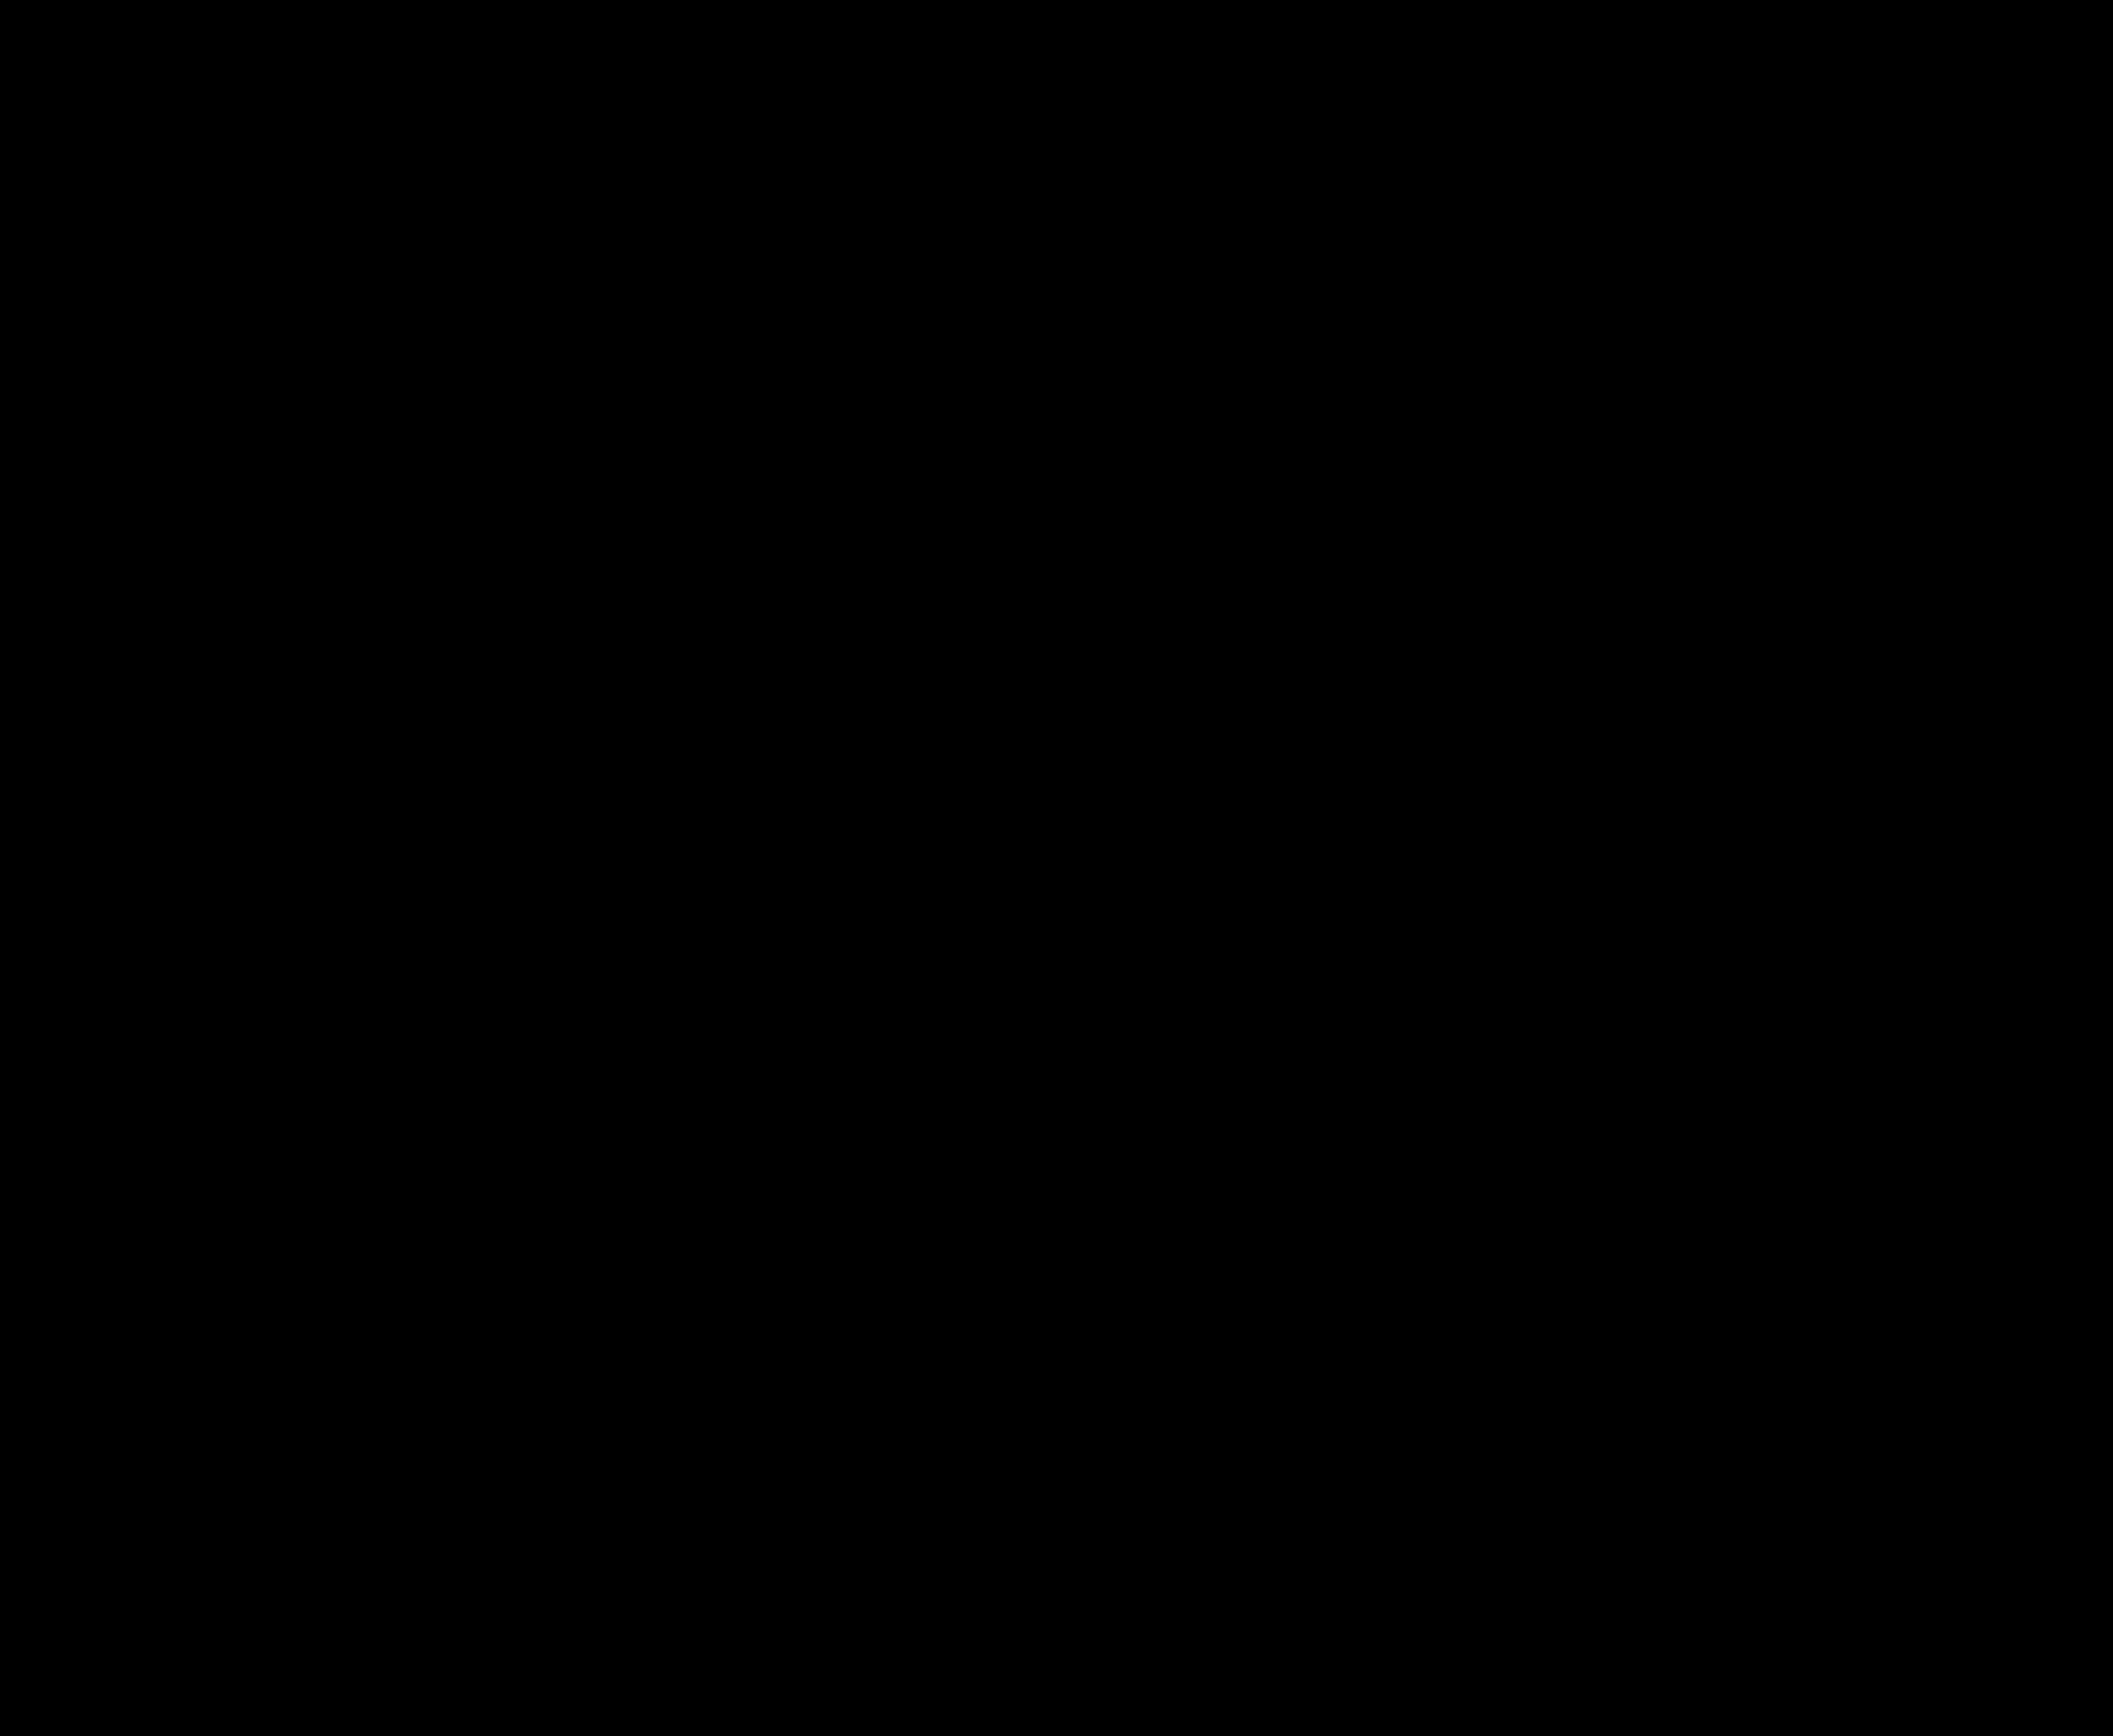 valorant logo 1 - Valorant Logo